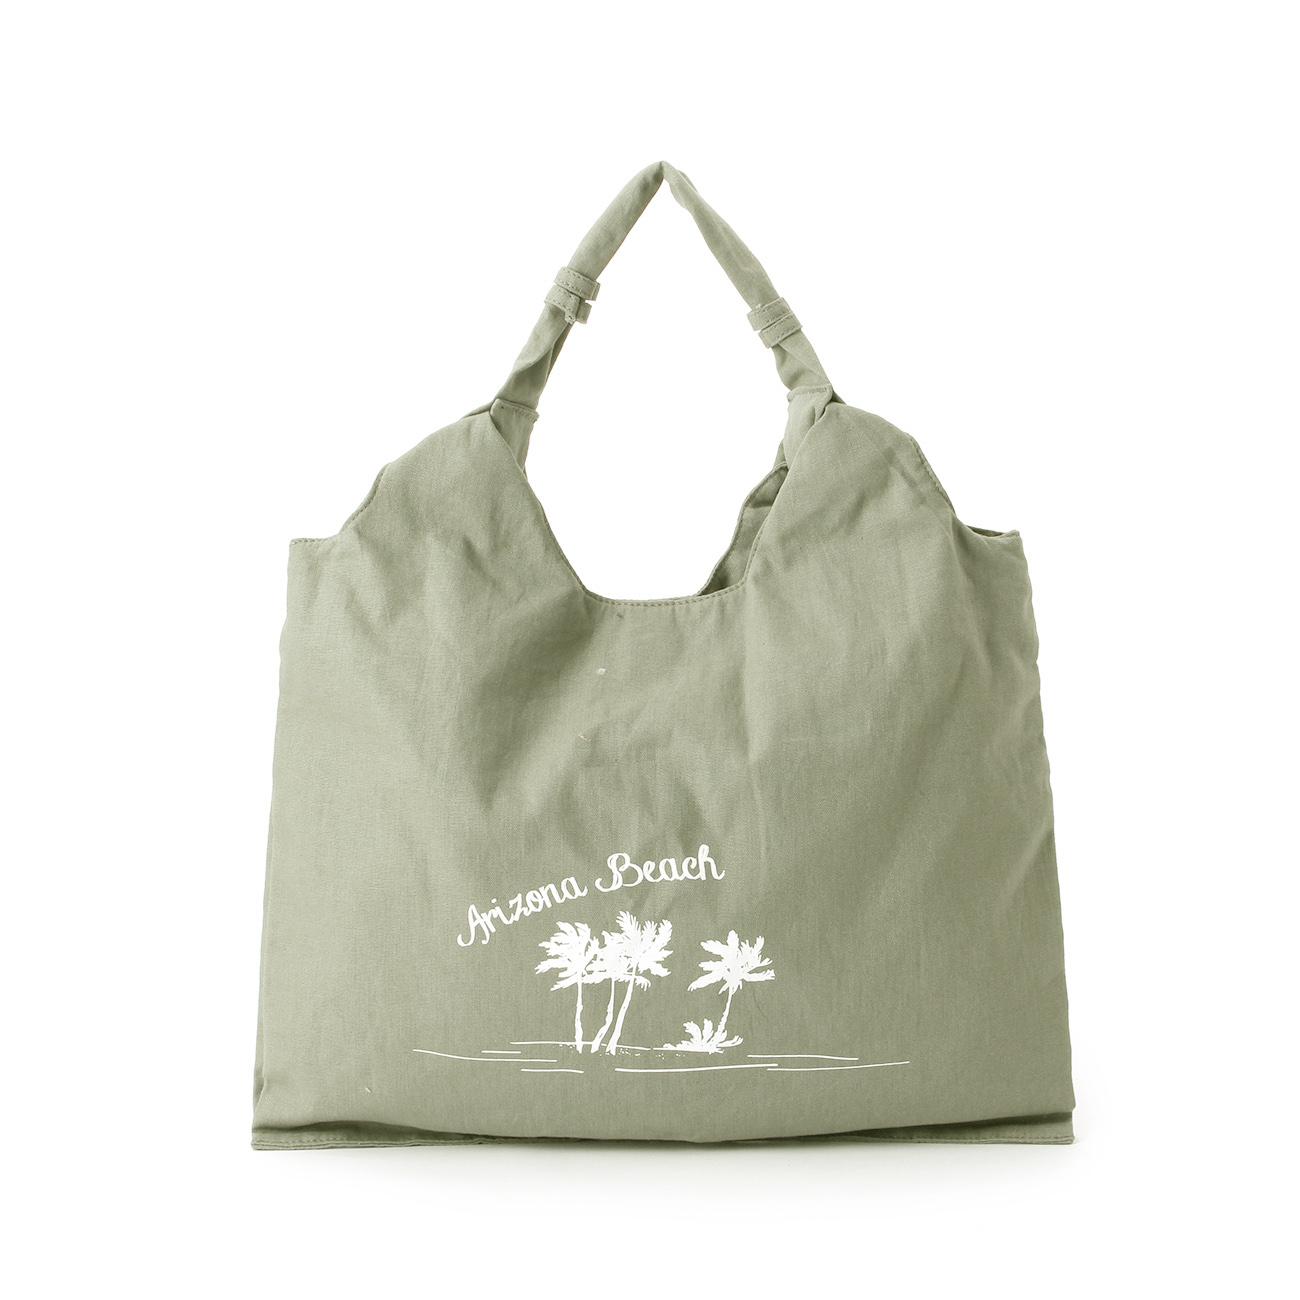 【THE EMPORIUM (ジエンポリアム)】サマーキャンバストートレディース バッグ|トートバッグ グリーン